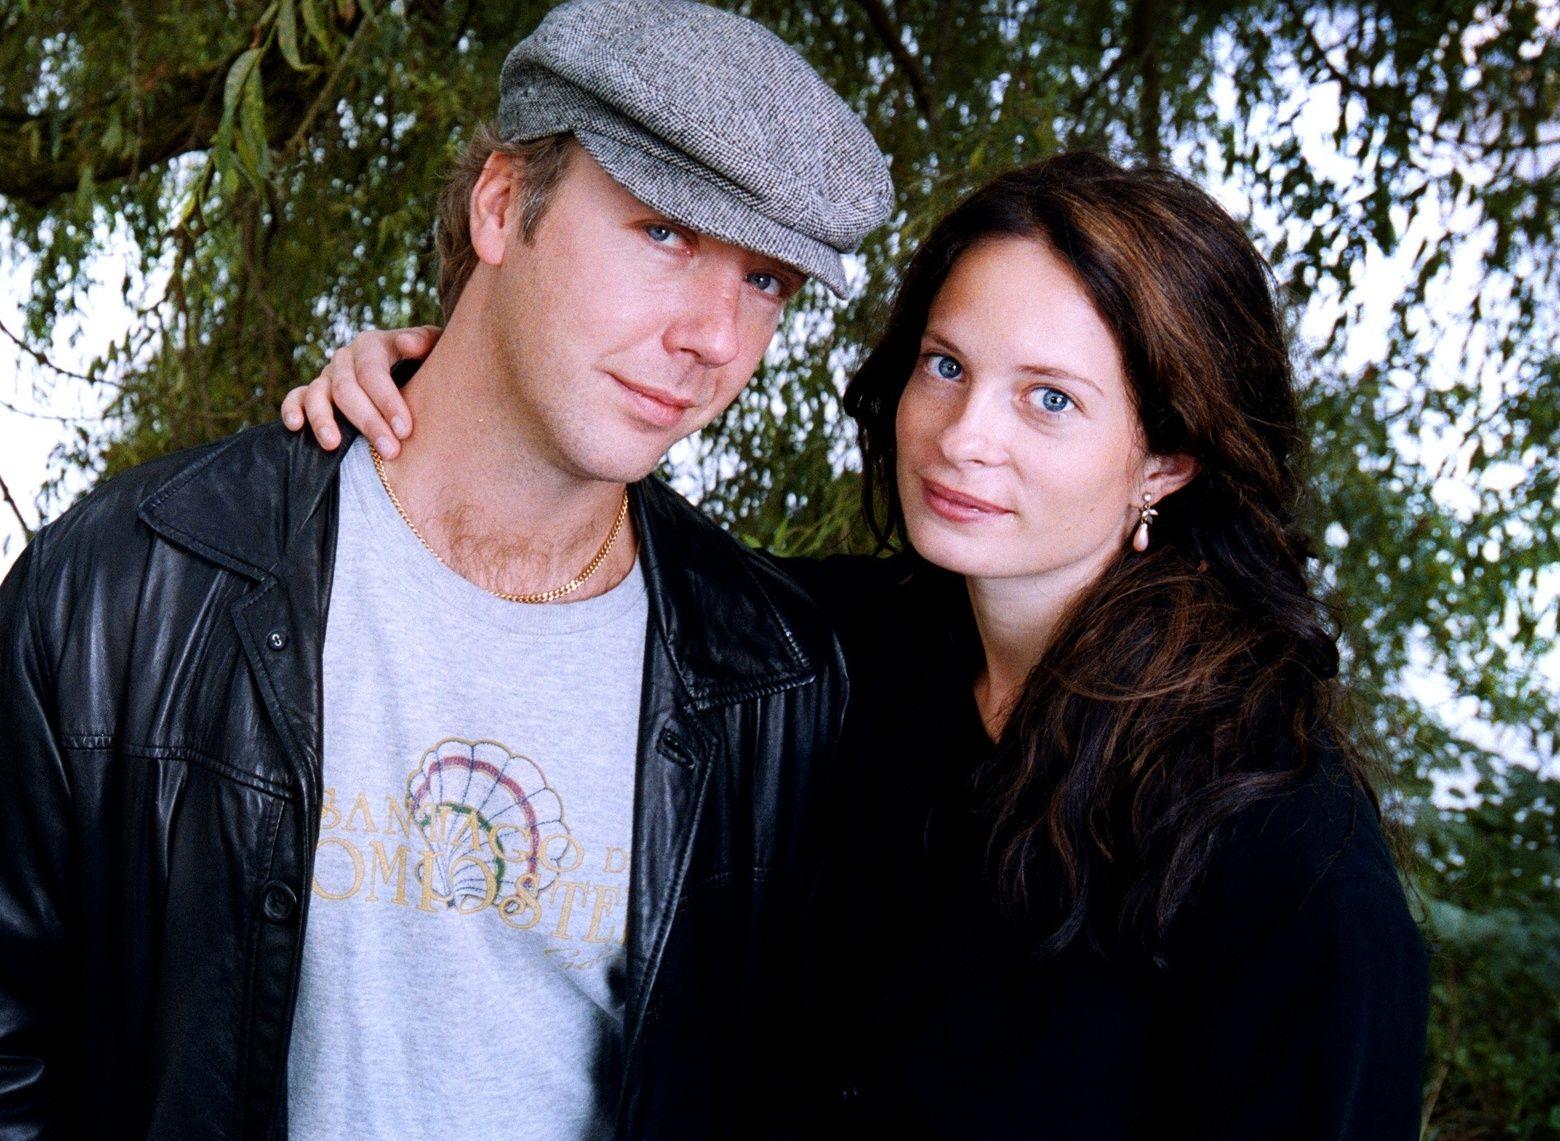 EKSPAR: Mikael Persbrandt og Maria Bonnevie i 2001.